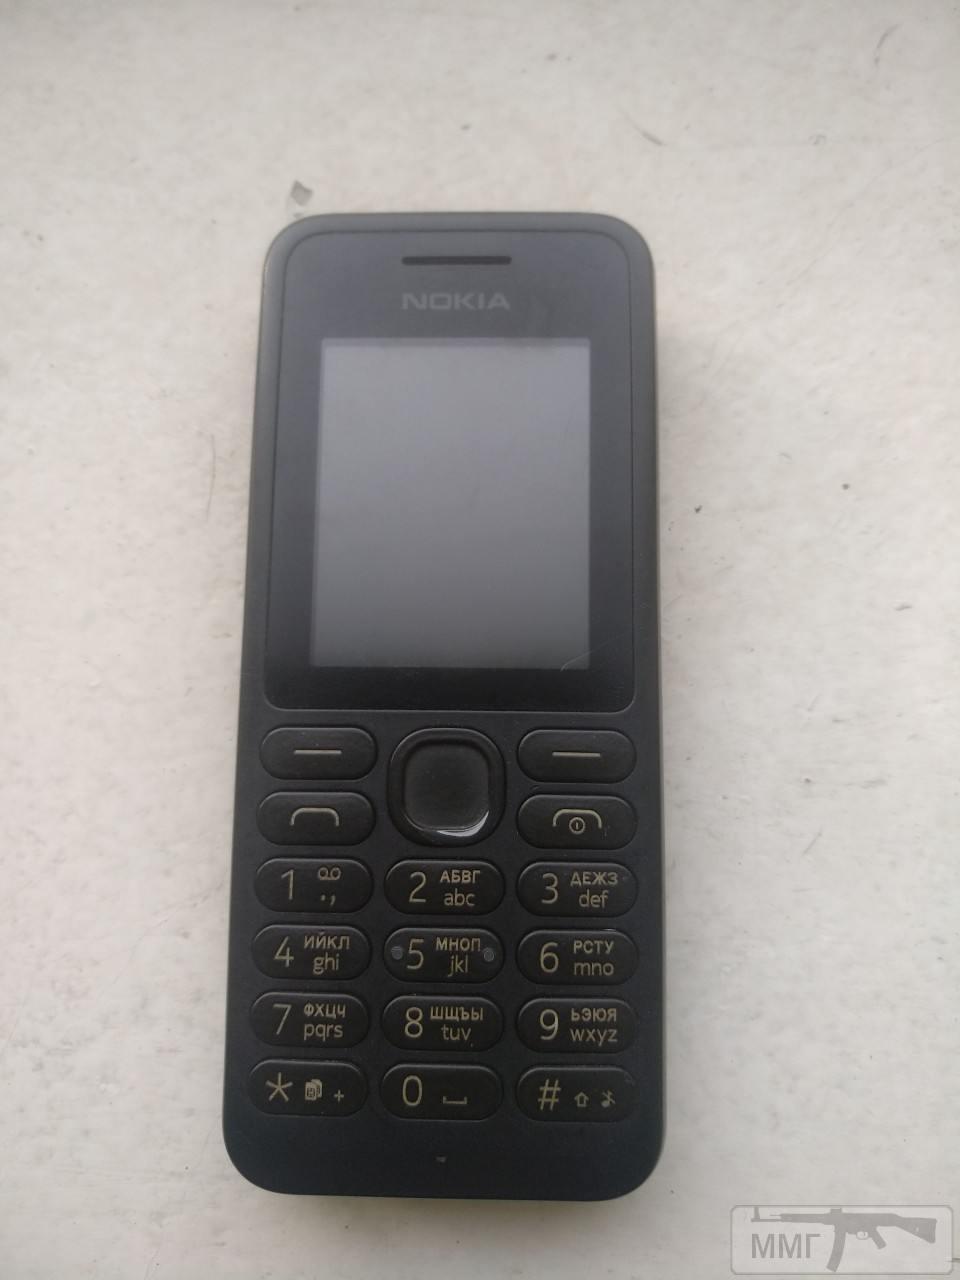 39007 - Ремейк Nokia 3310... о мобилках и мобильной связи.